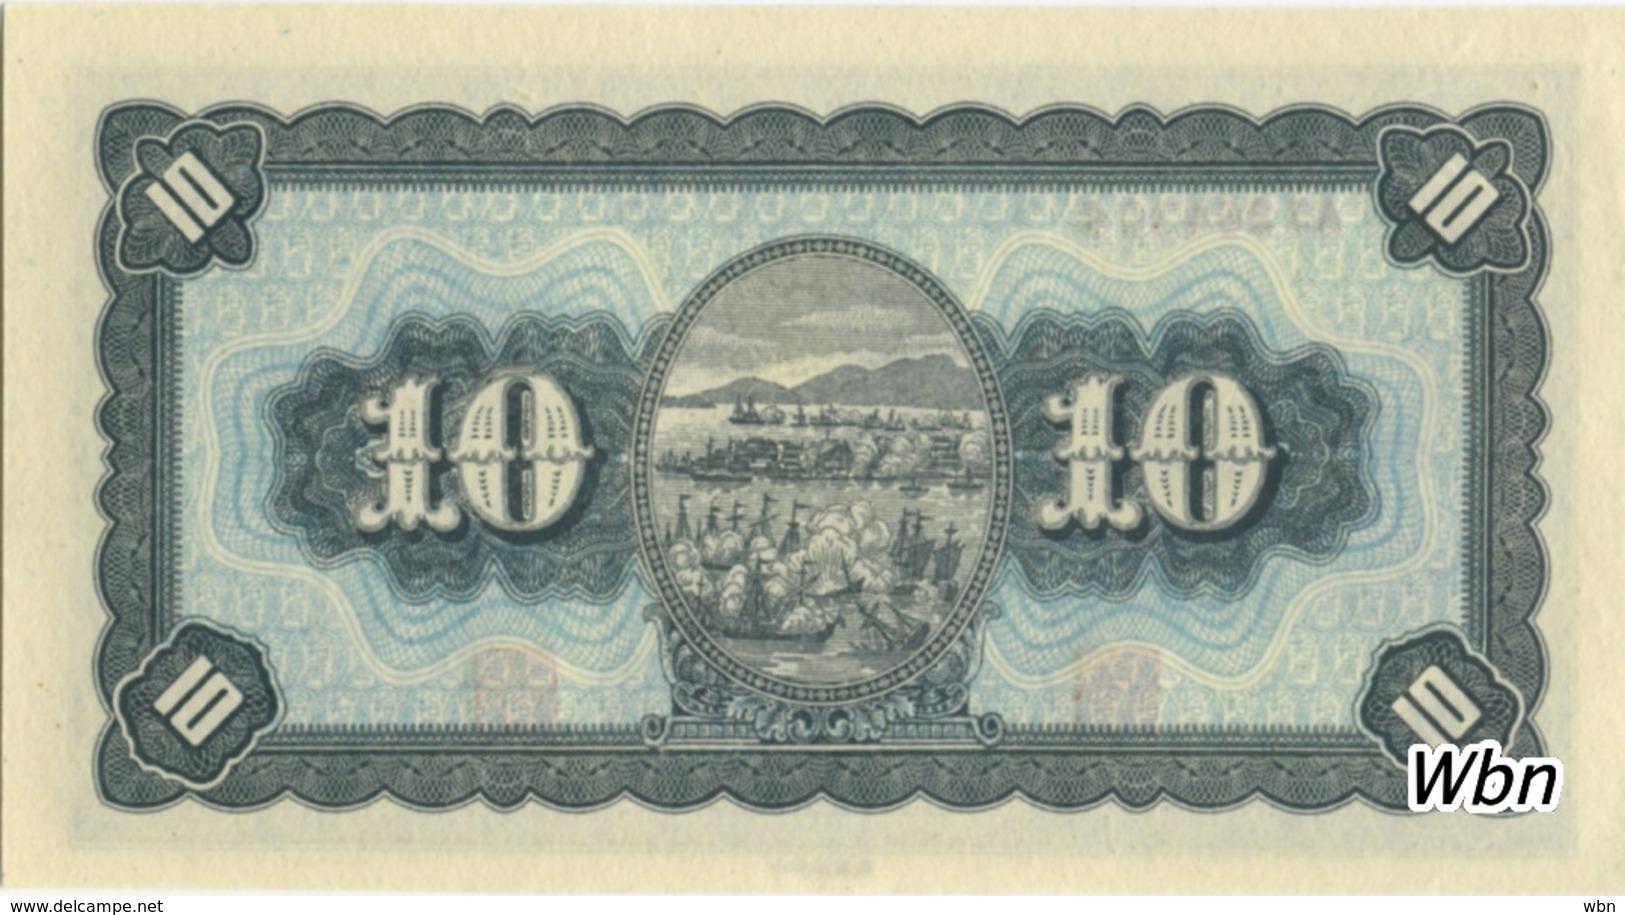 Taiwan 10 NT$ (P1937) -UNC- - Taiwan